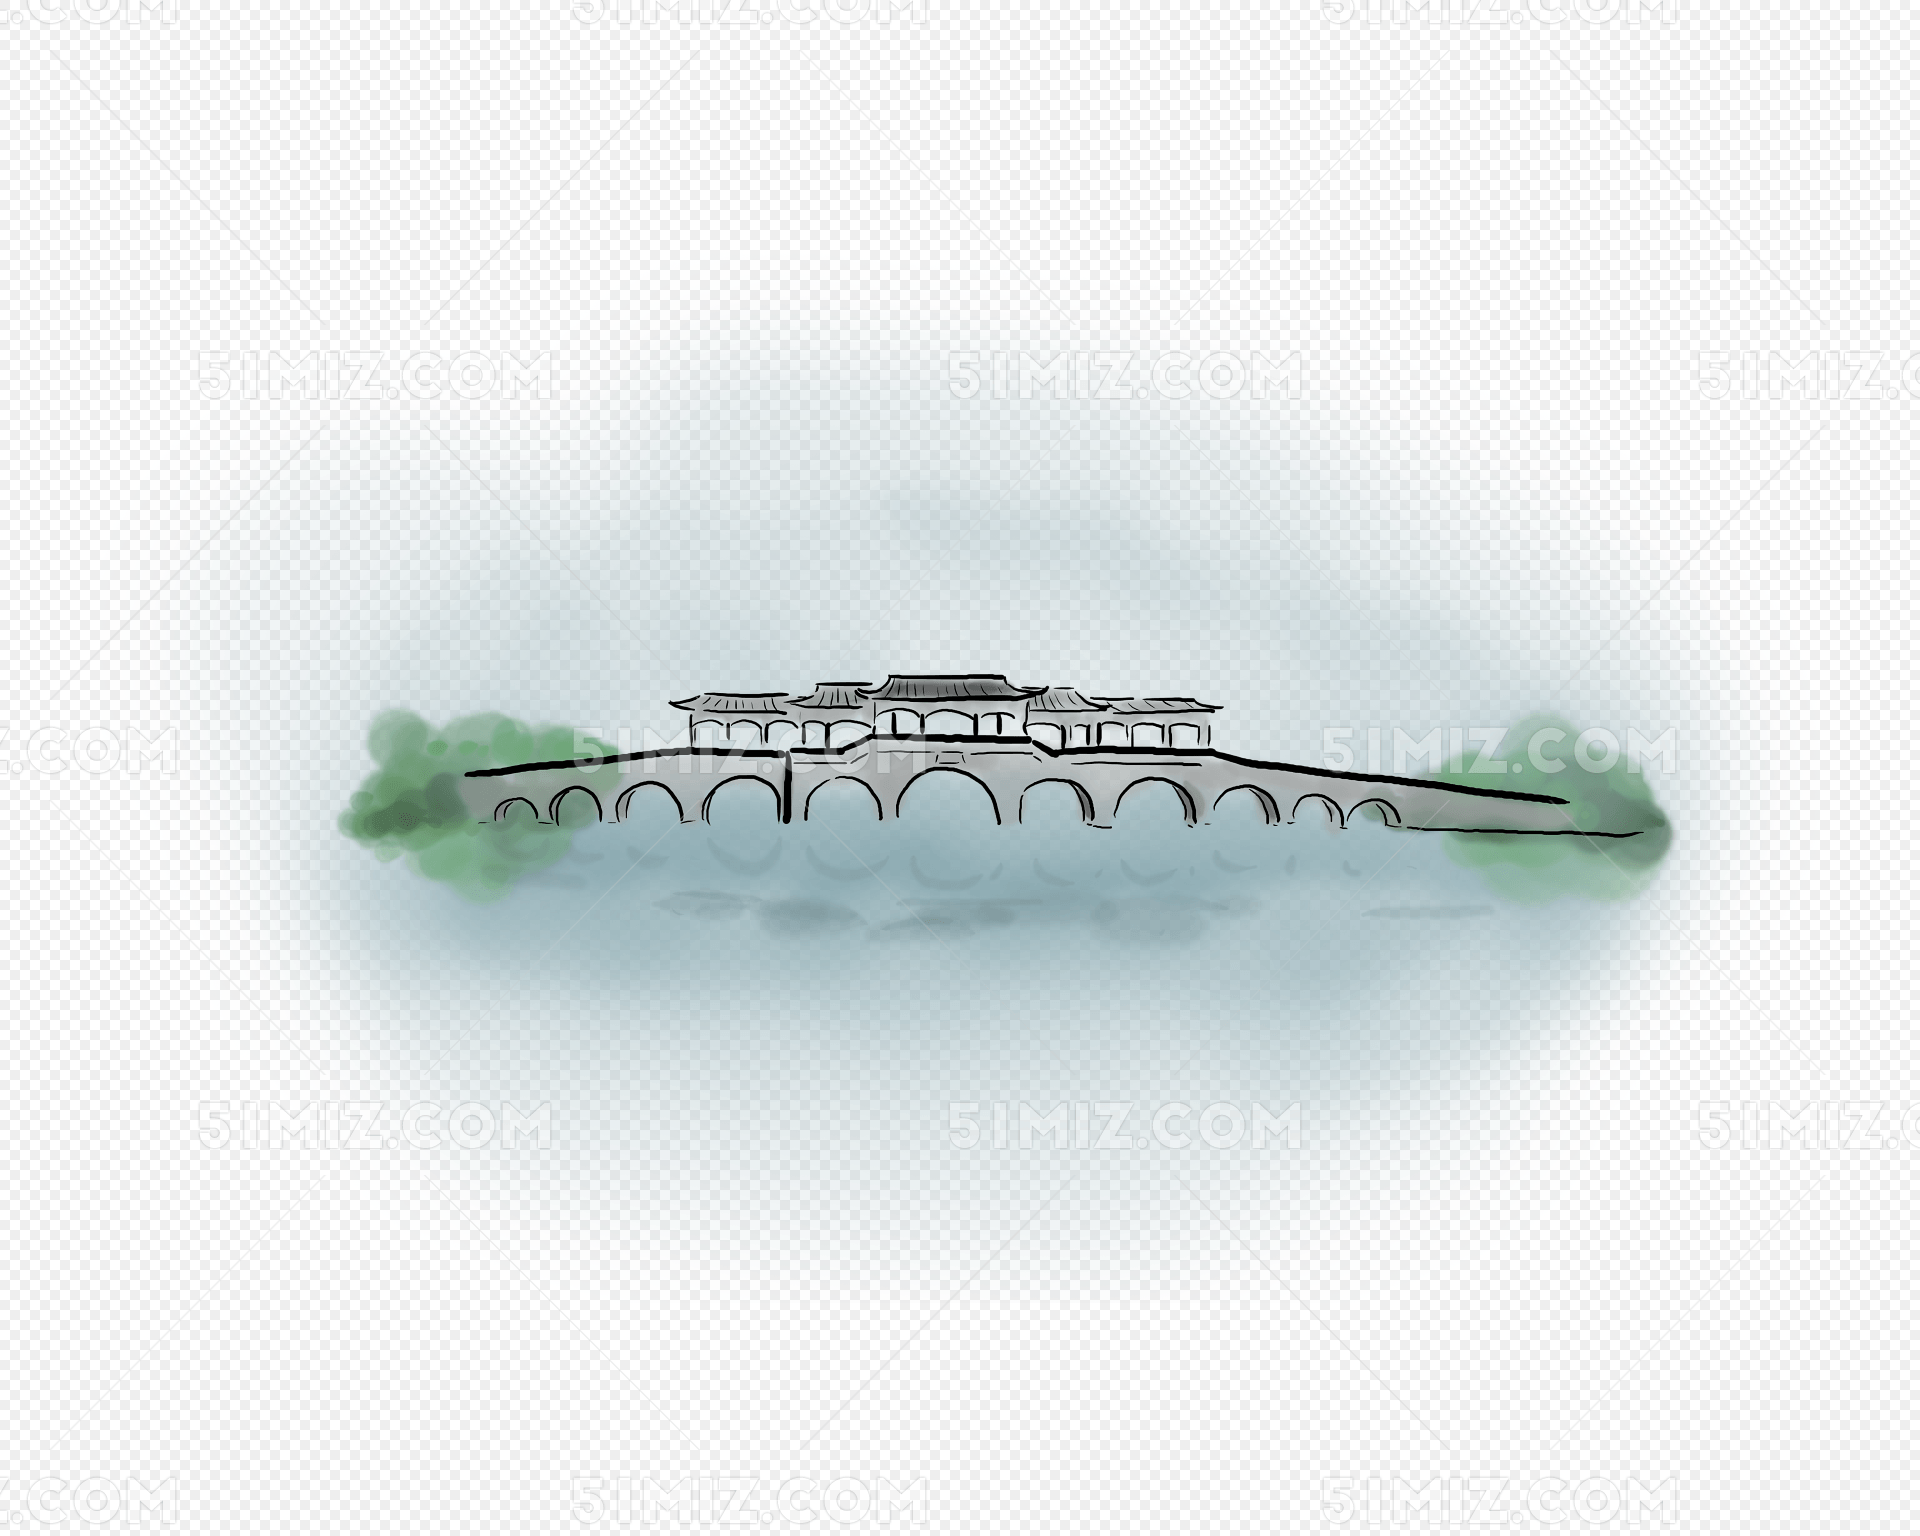 暑假游玩手绘古桥图片素材免费下载_觅知网